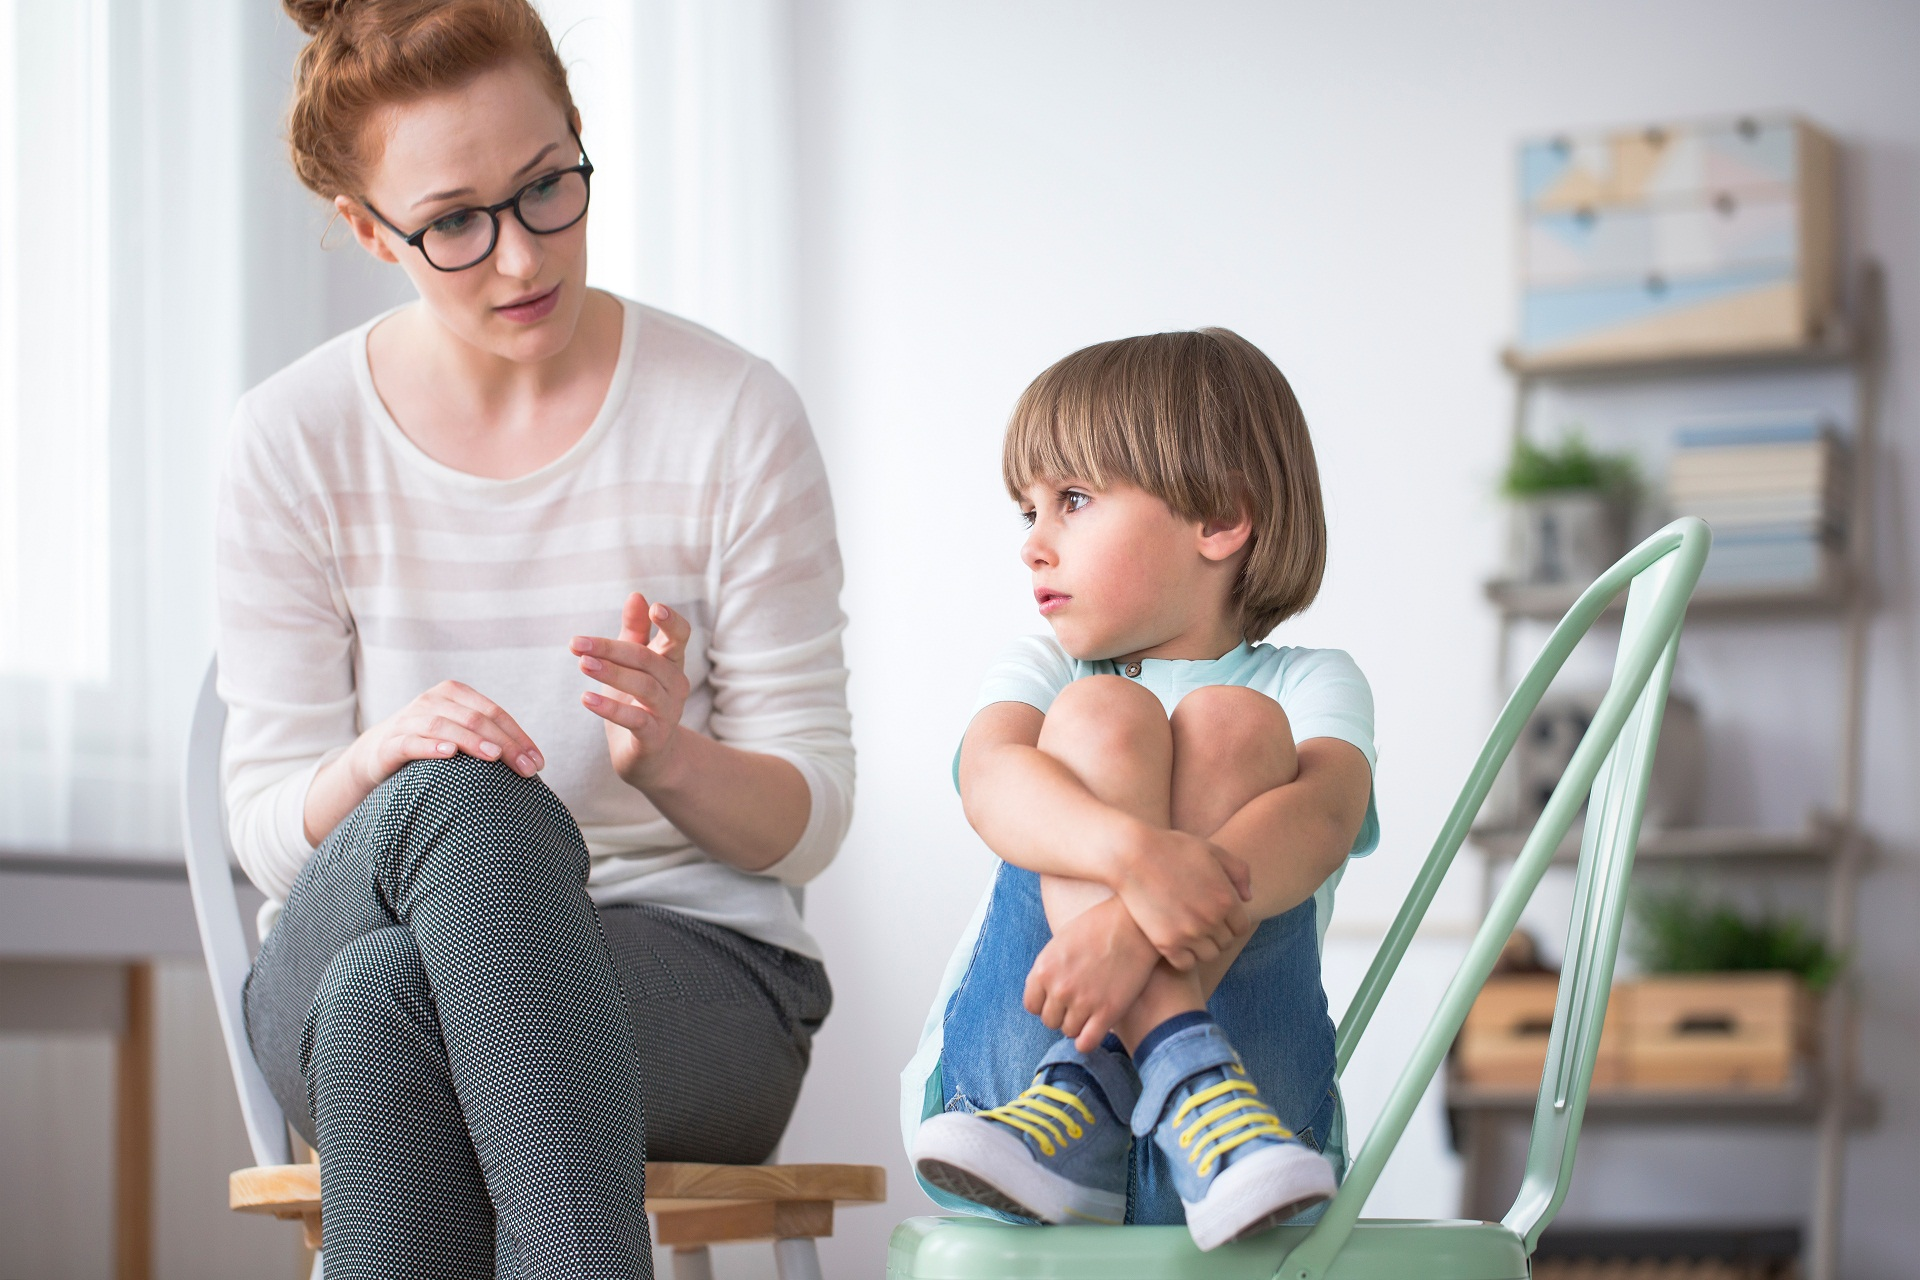 Síndrome de Asperger: conheça o autismo de alto funcionamento